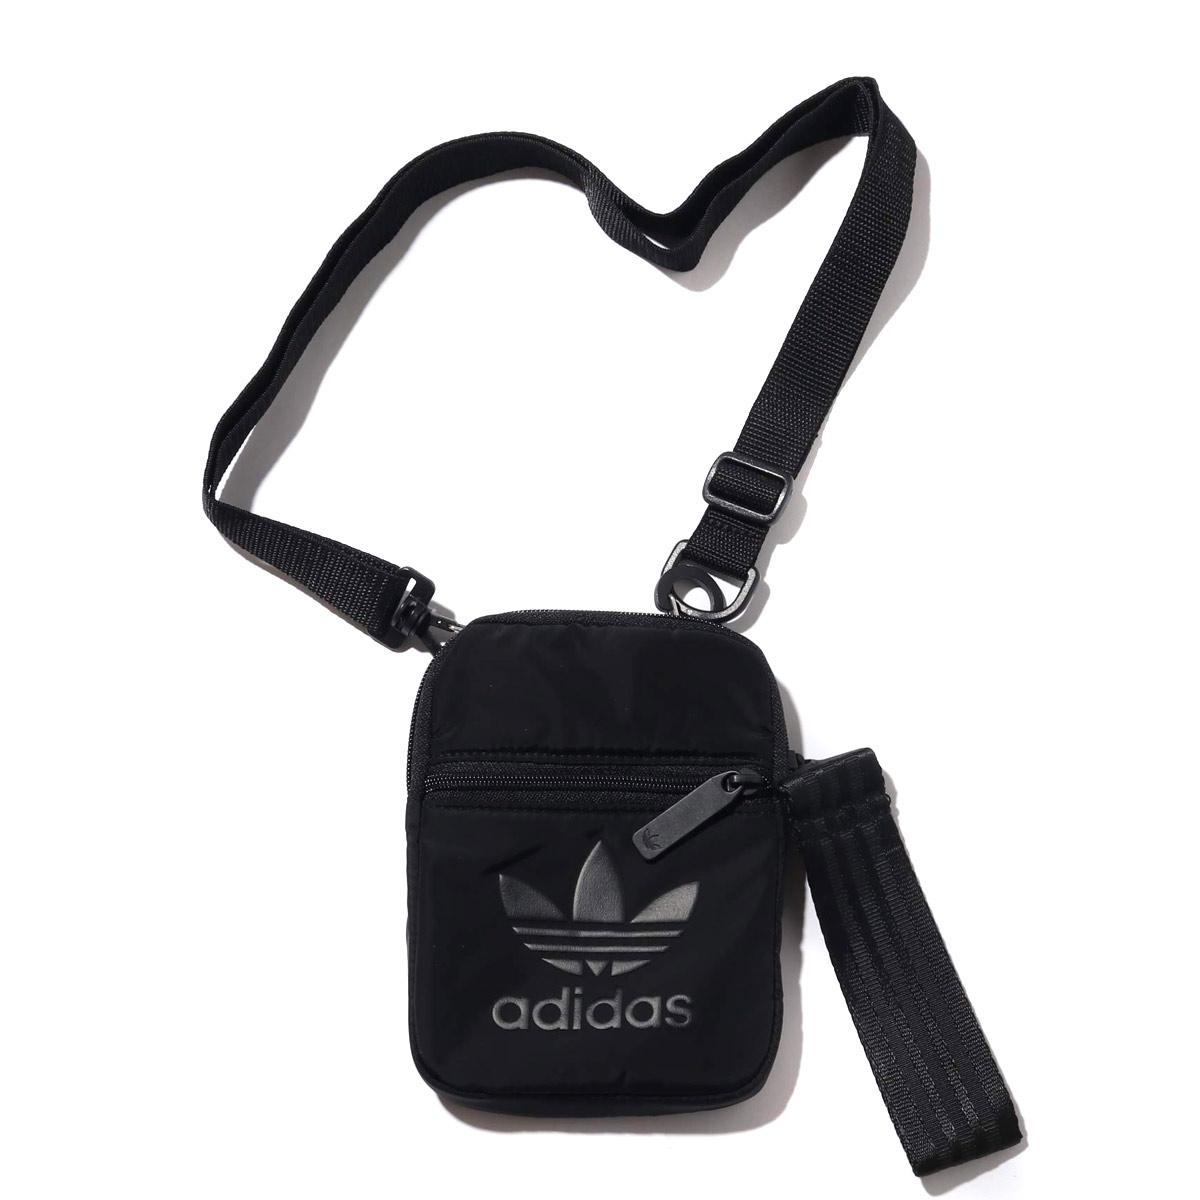 adidas Originals FESTIVAL BAG (Adidas originals Festival bag) BLACK 19SS I